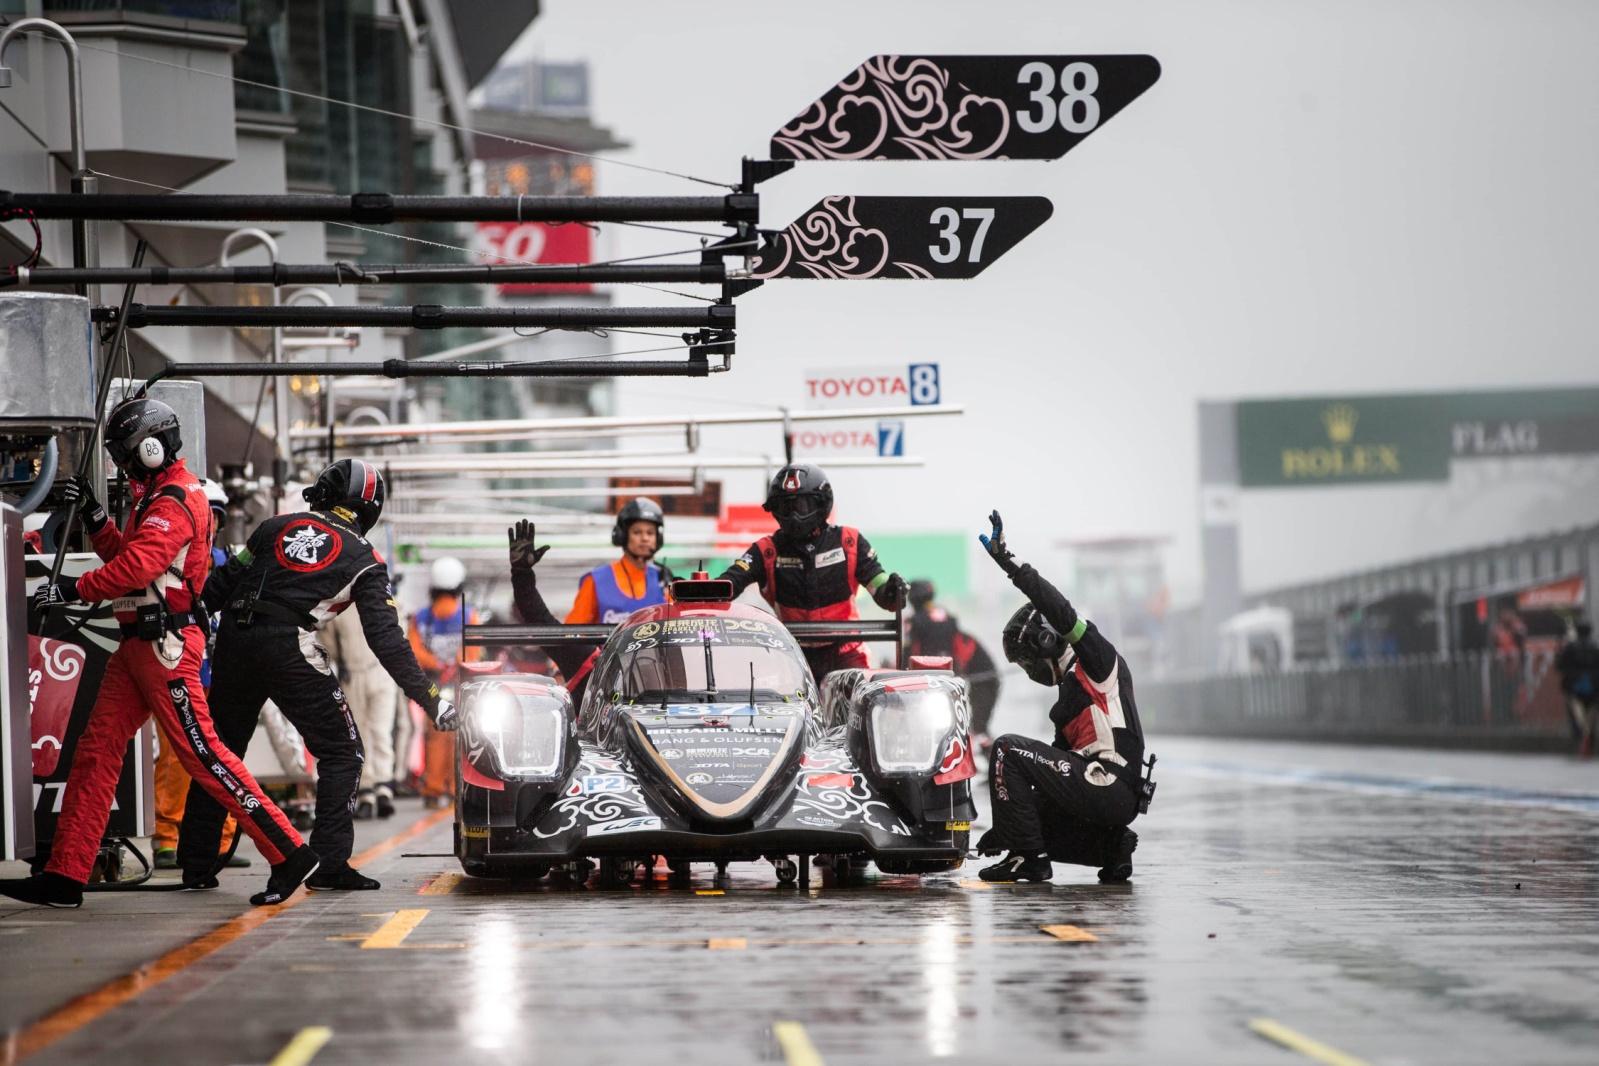 耀莱成龙dc车队欢迎全马来西亚车手阵容 加入37号赛车